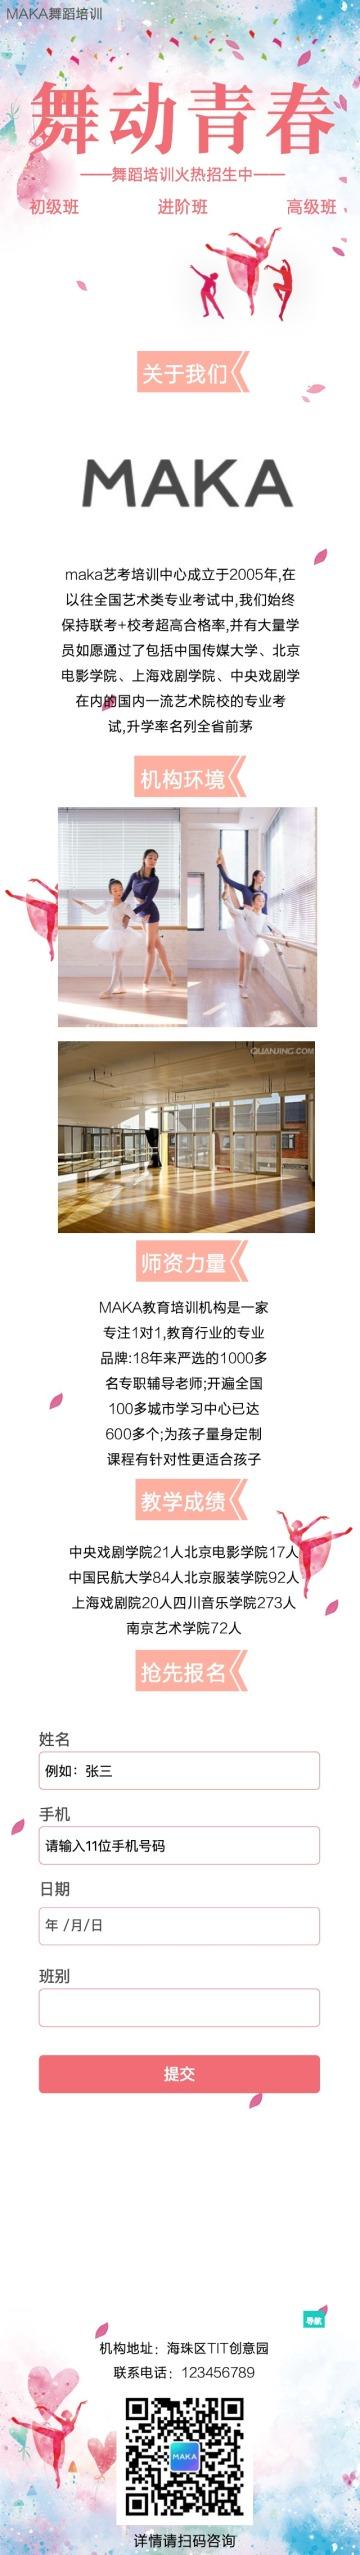 清新文艺教育培训艺术兴趣舞蹈班招生介绍推广单页